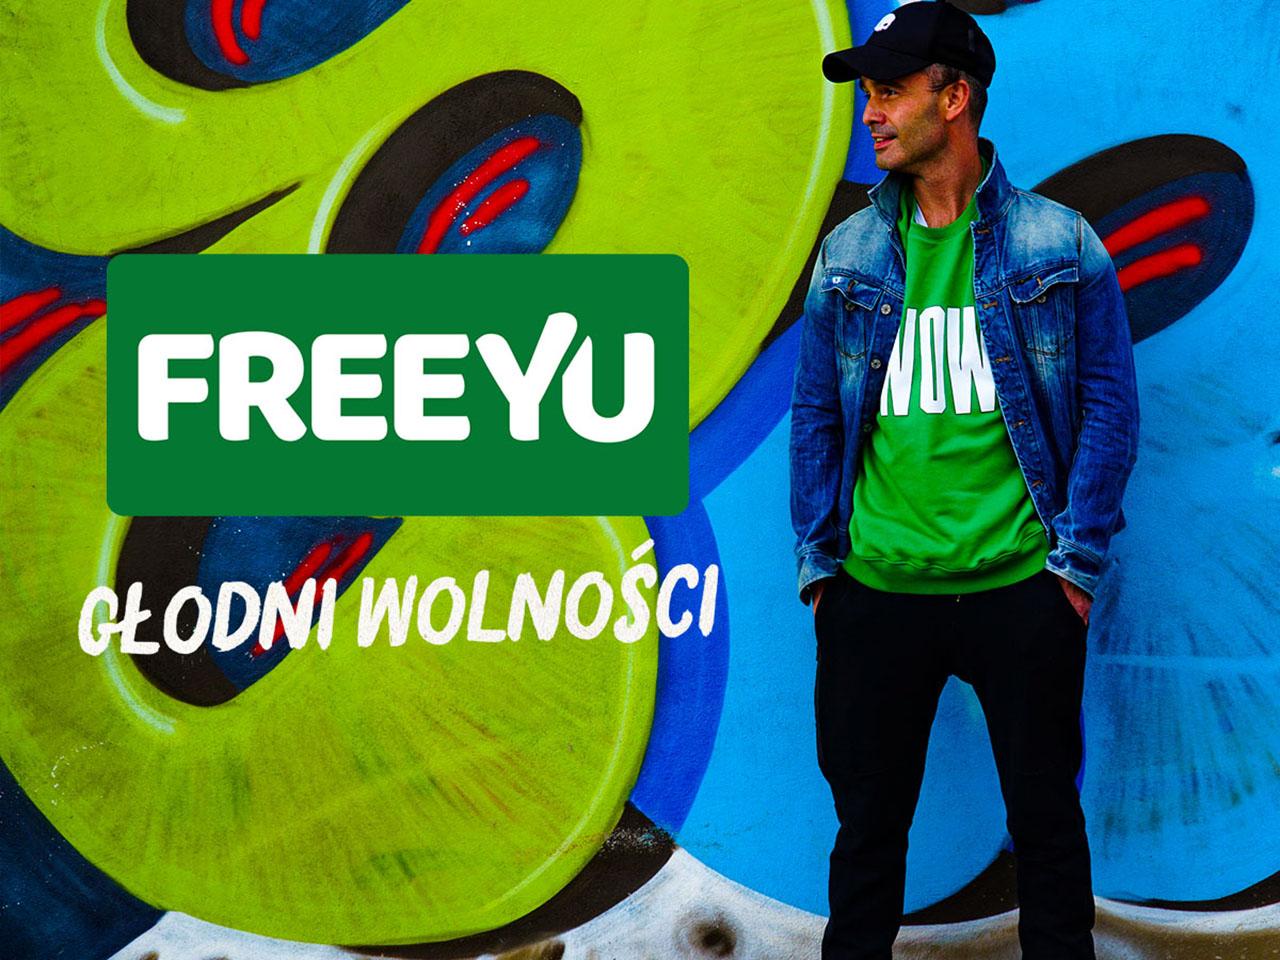 FreeYu – nowa marka przekąsek debiutuje na rynku